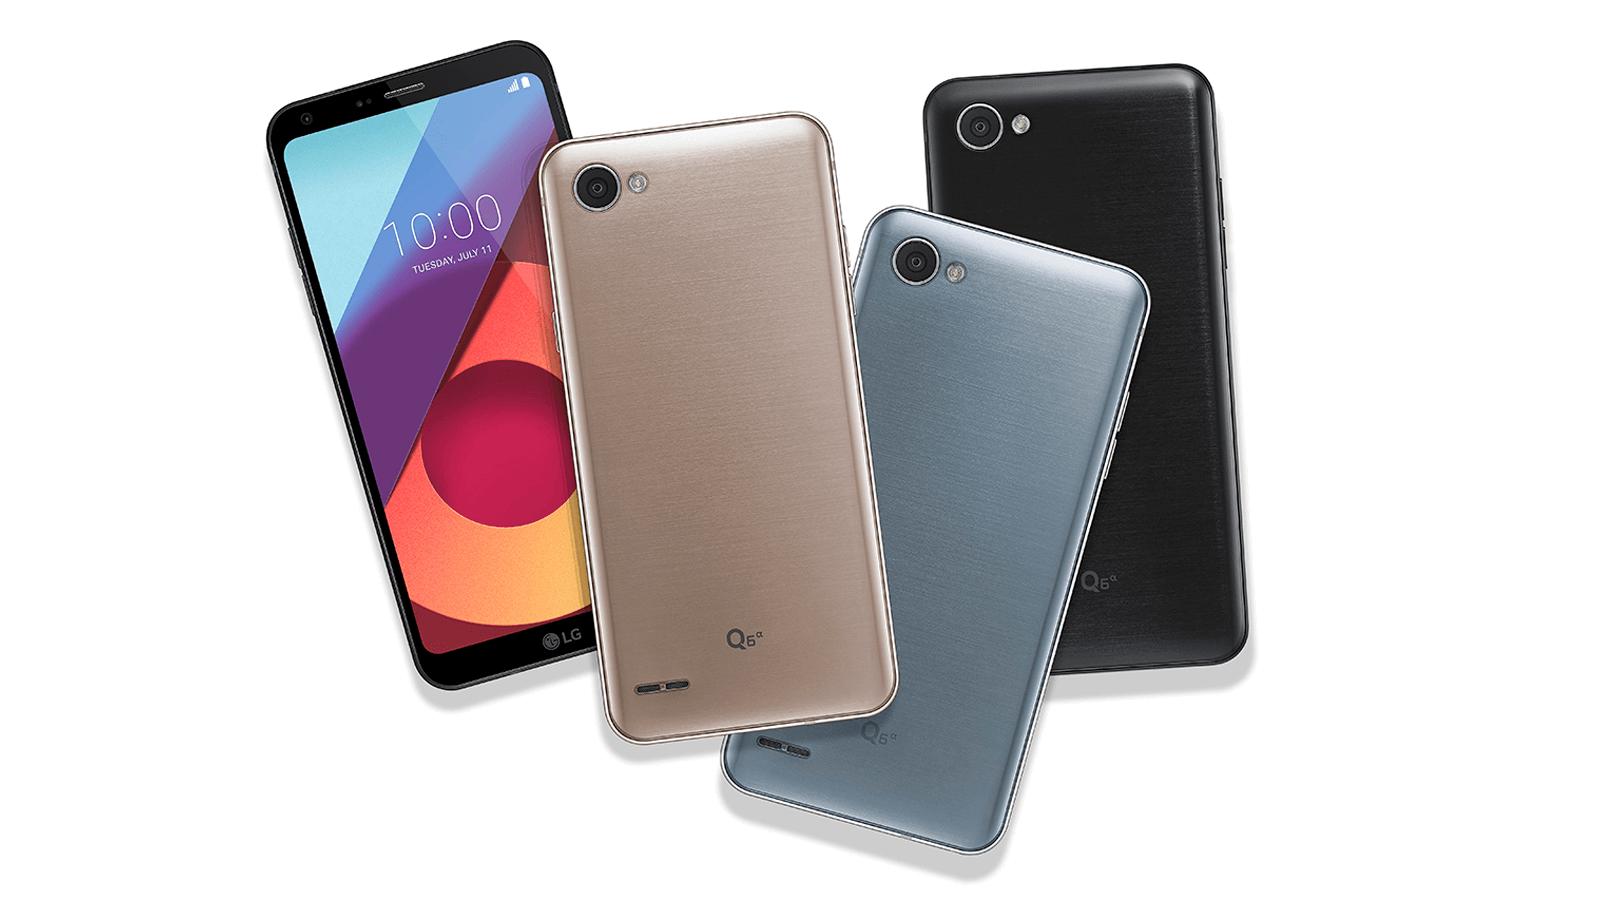 LG Q6 Plus Showmetech - Melhores smartphones intermediários de 2018